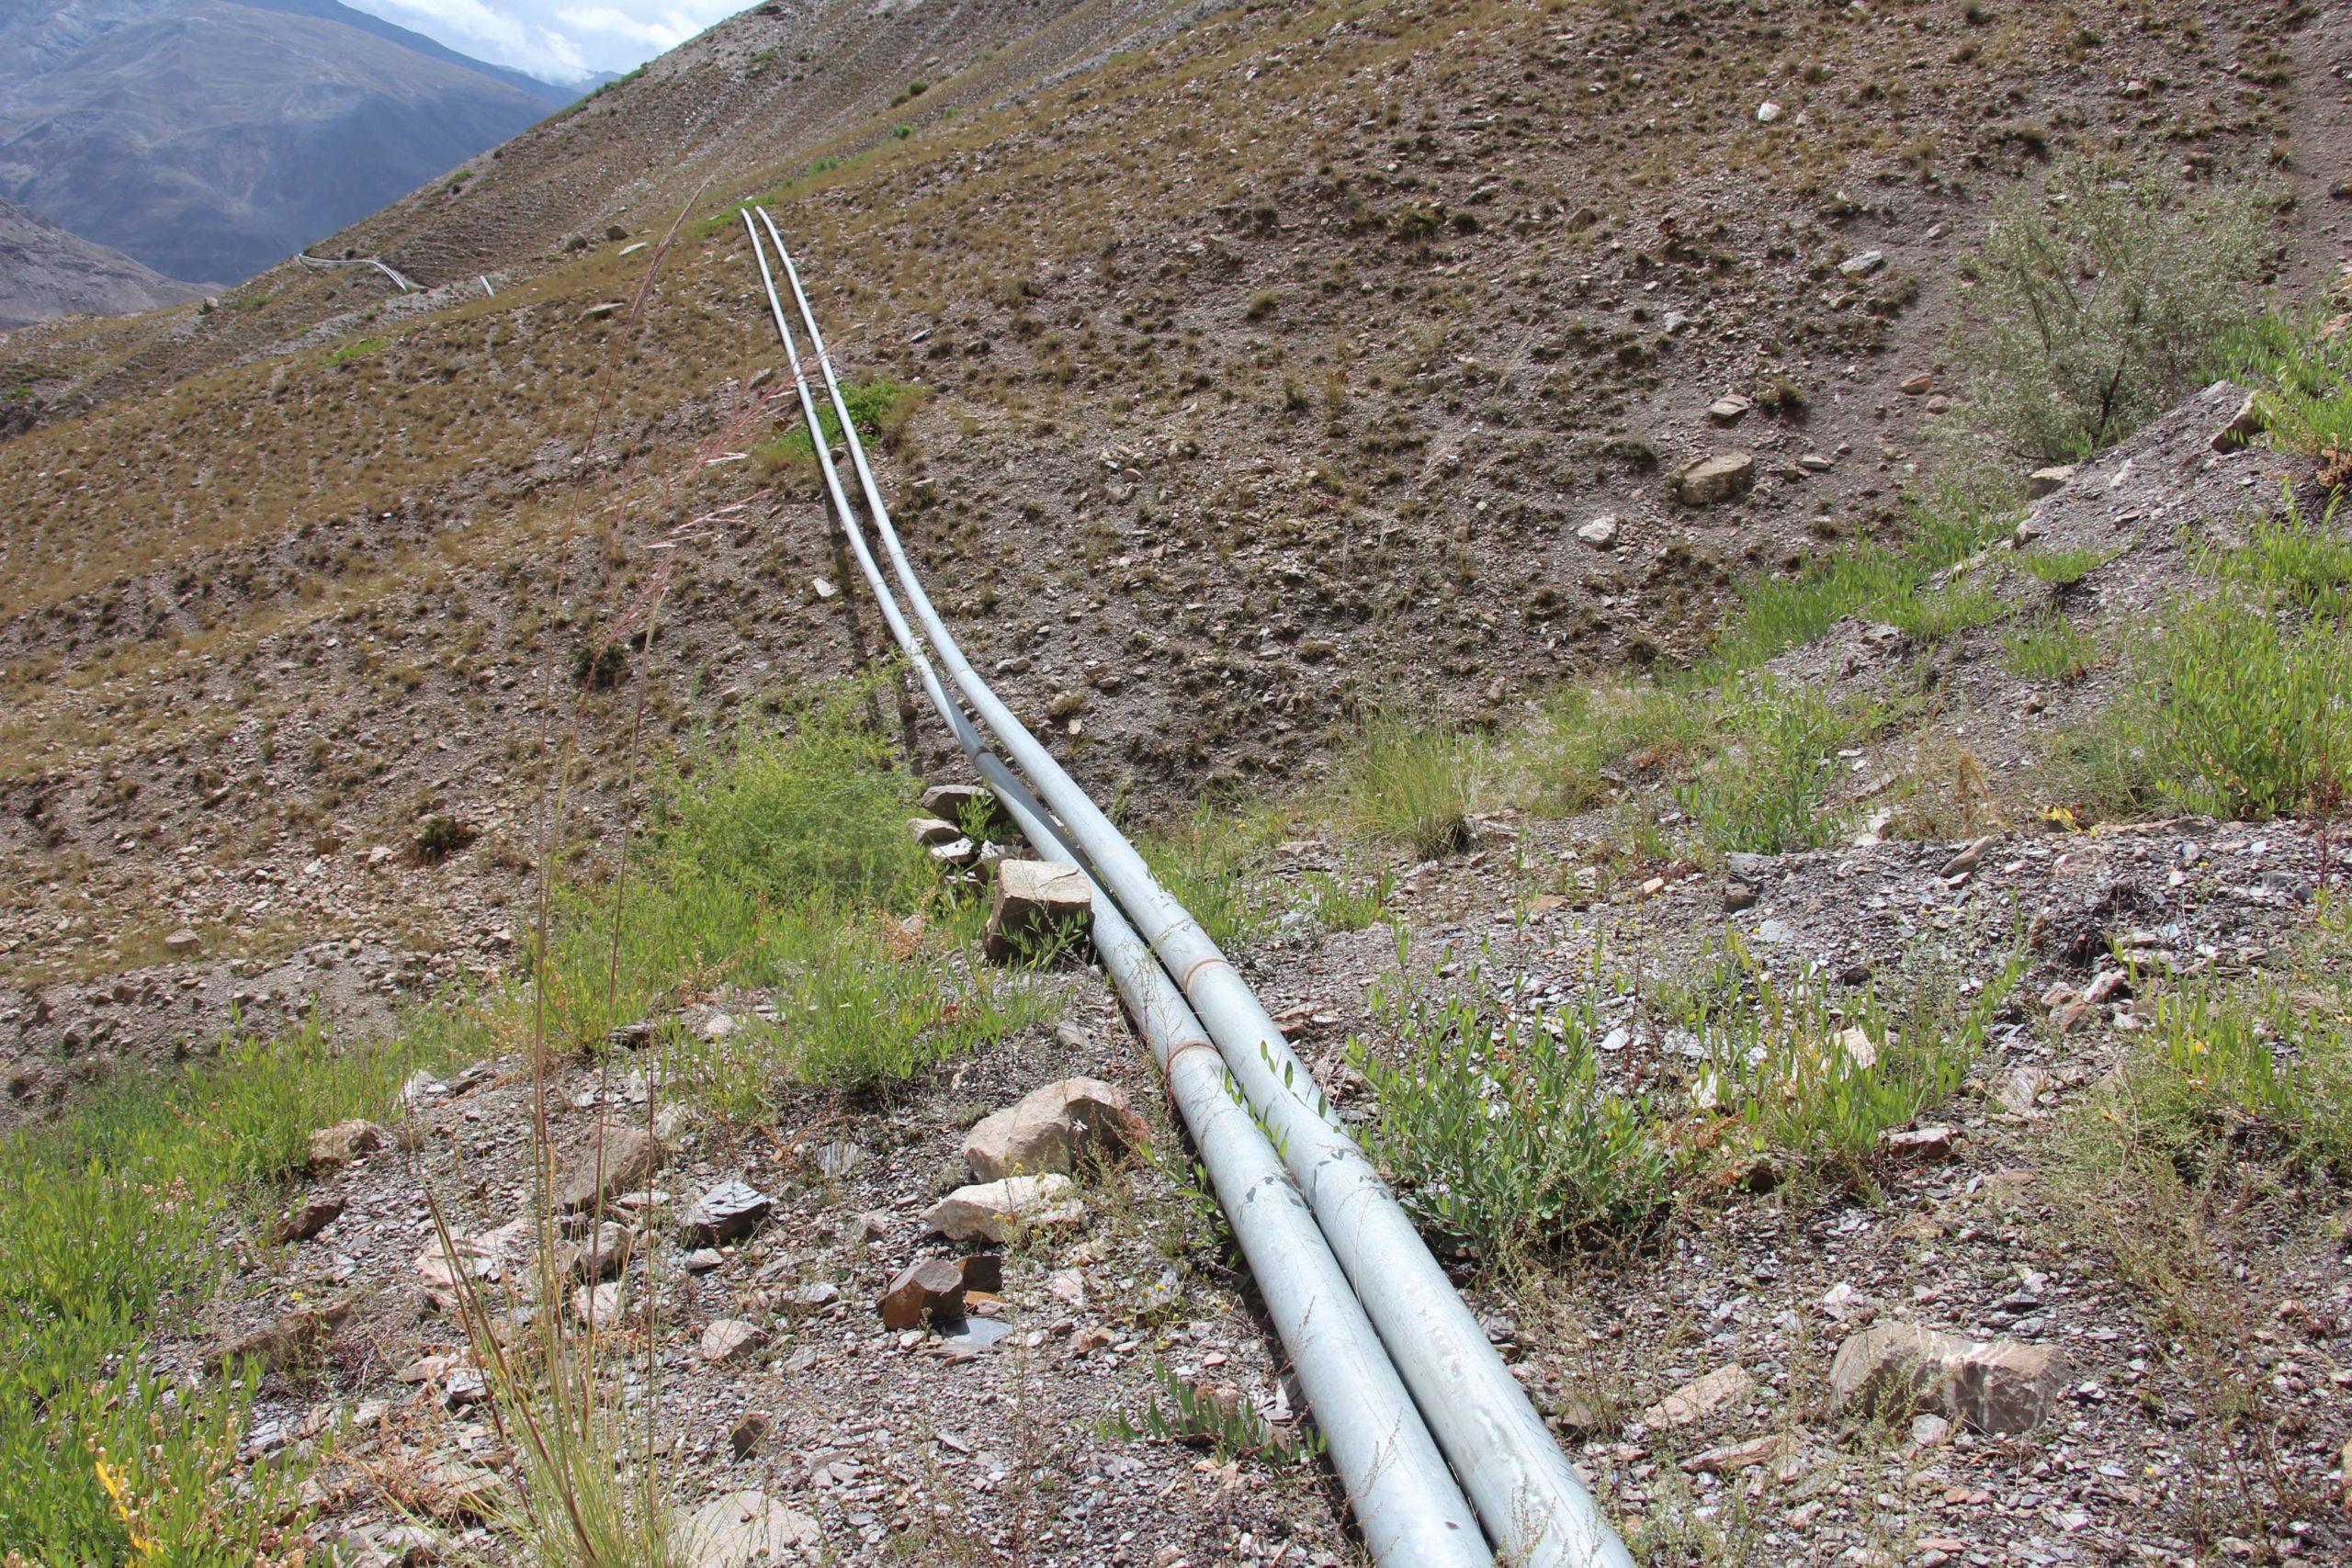 چترال میںفراہمی آب کا بڑا منصوبہ مکمل، پائپ لائن کی لمبائی 45 ہزار فٹ ہے